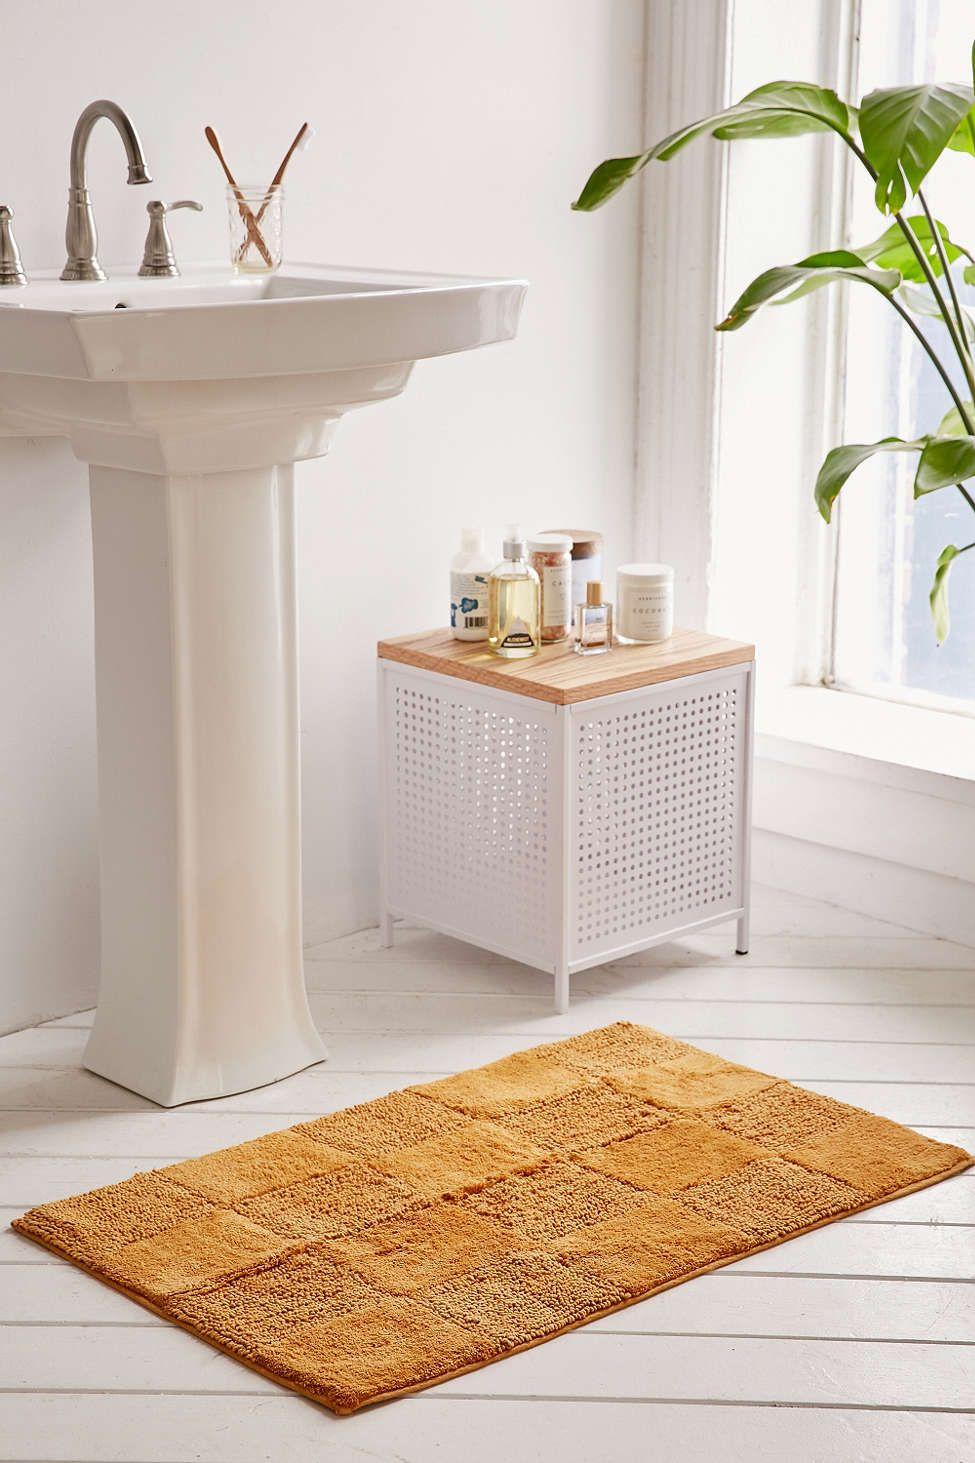 Limbe Bath Mat Bath Mat Urban Outfitters Curtains Bath Rugs [ 1463 x 975 Pixel ]